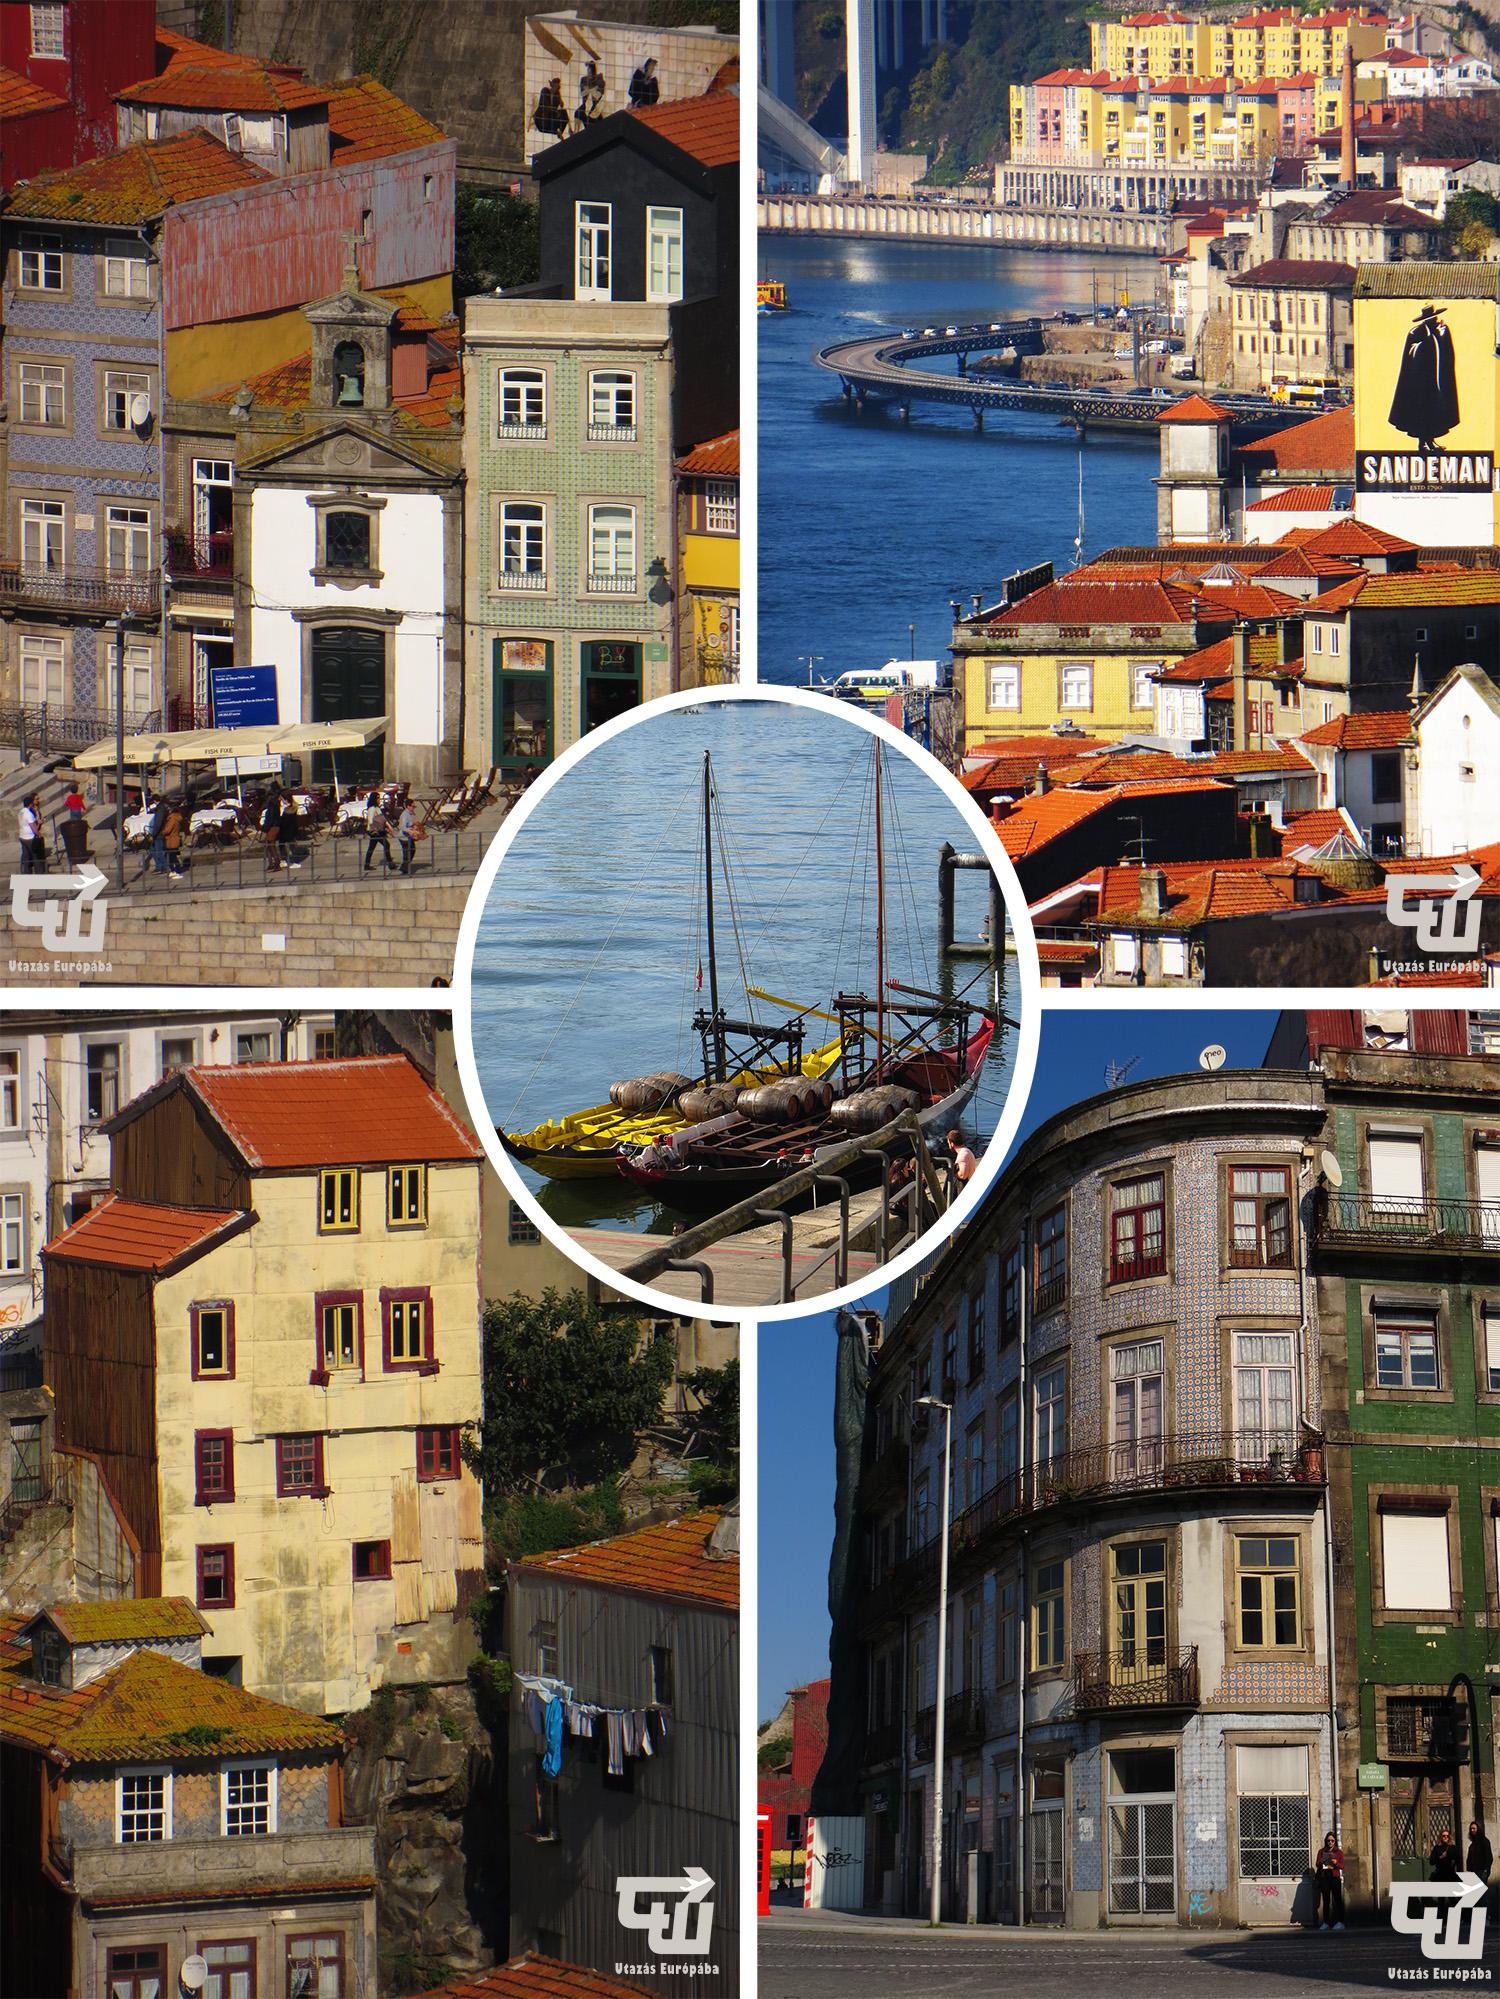 07_rio_douro_vinho_porto_portugalia_portugal_utazas_europaba.jpg